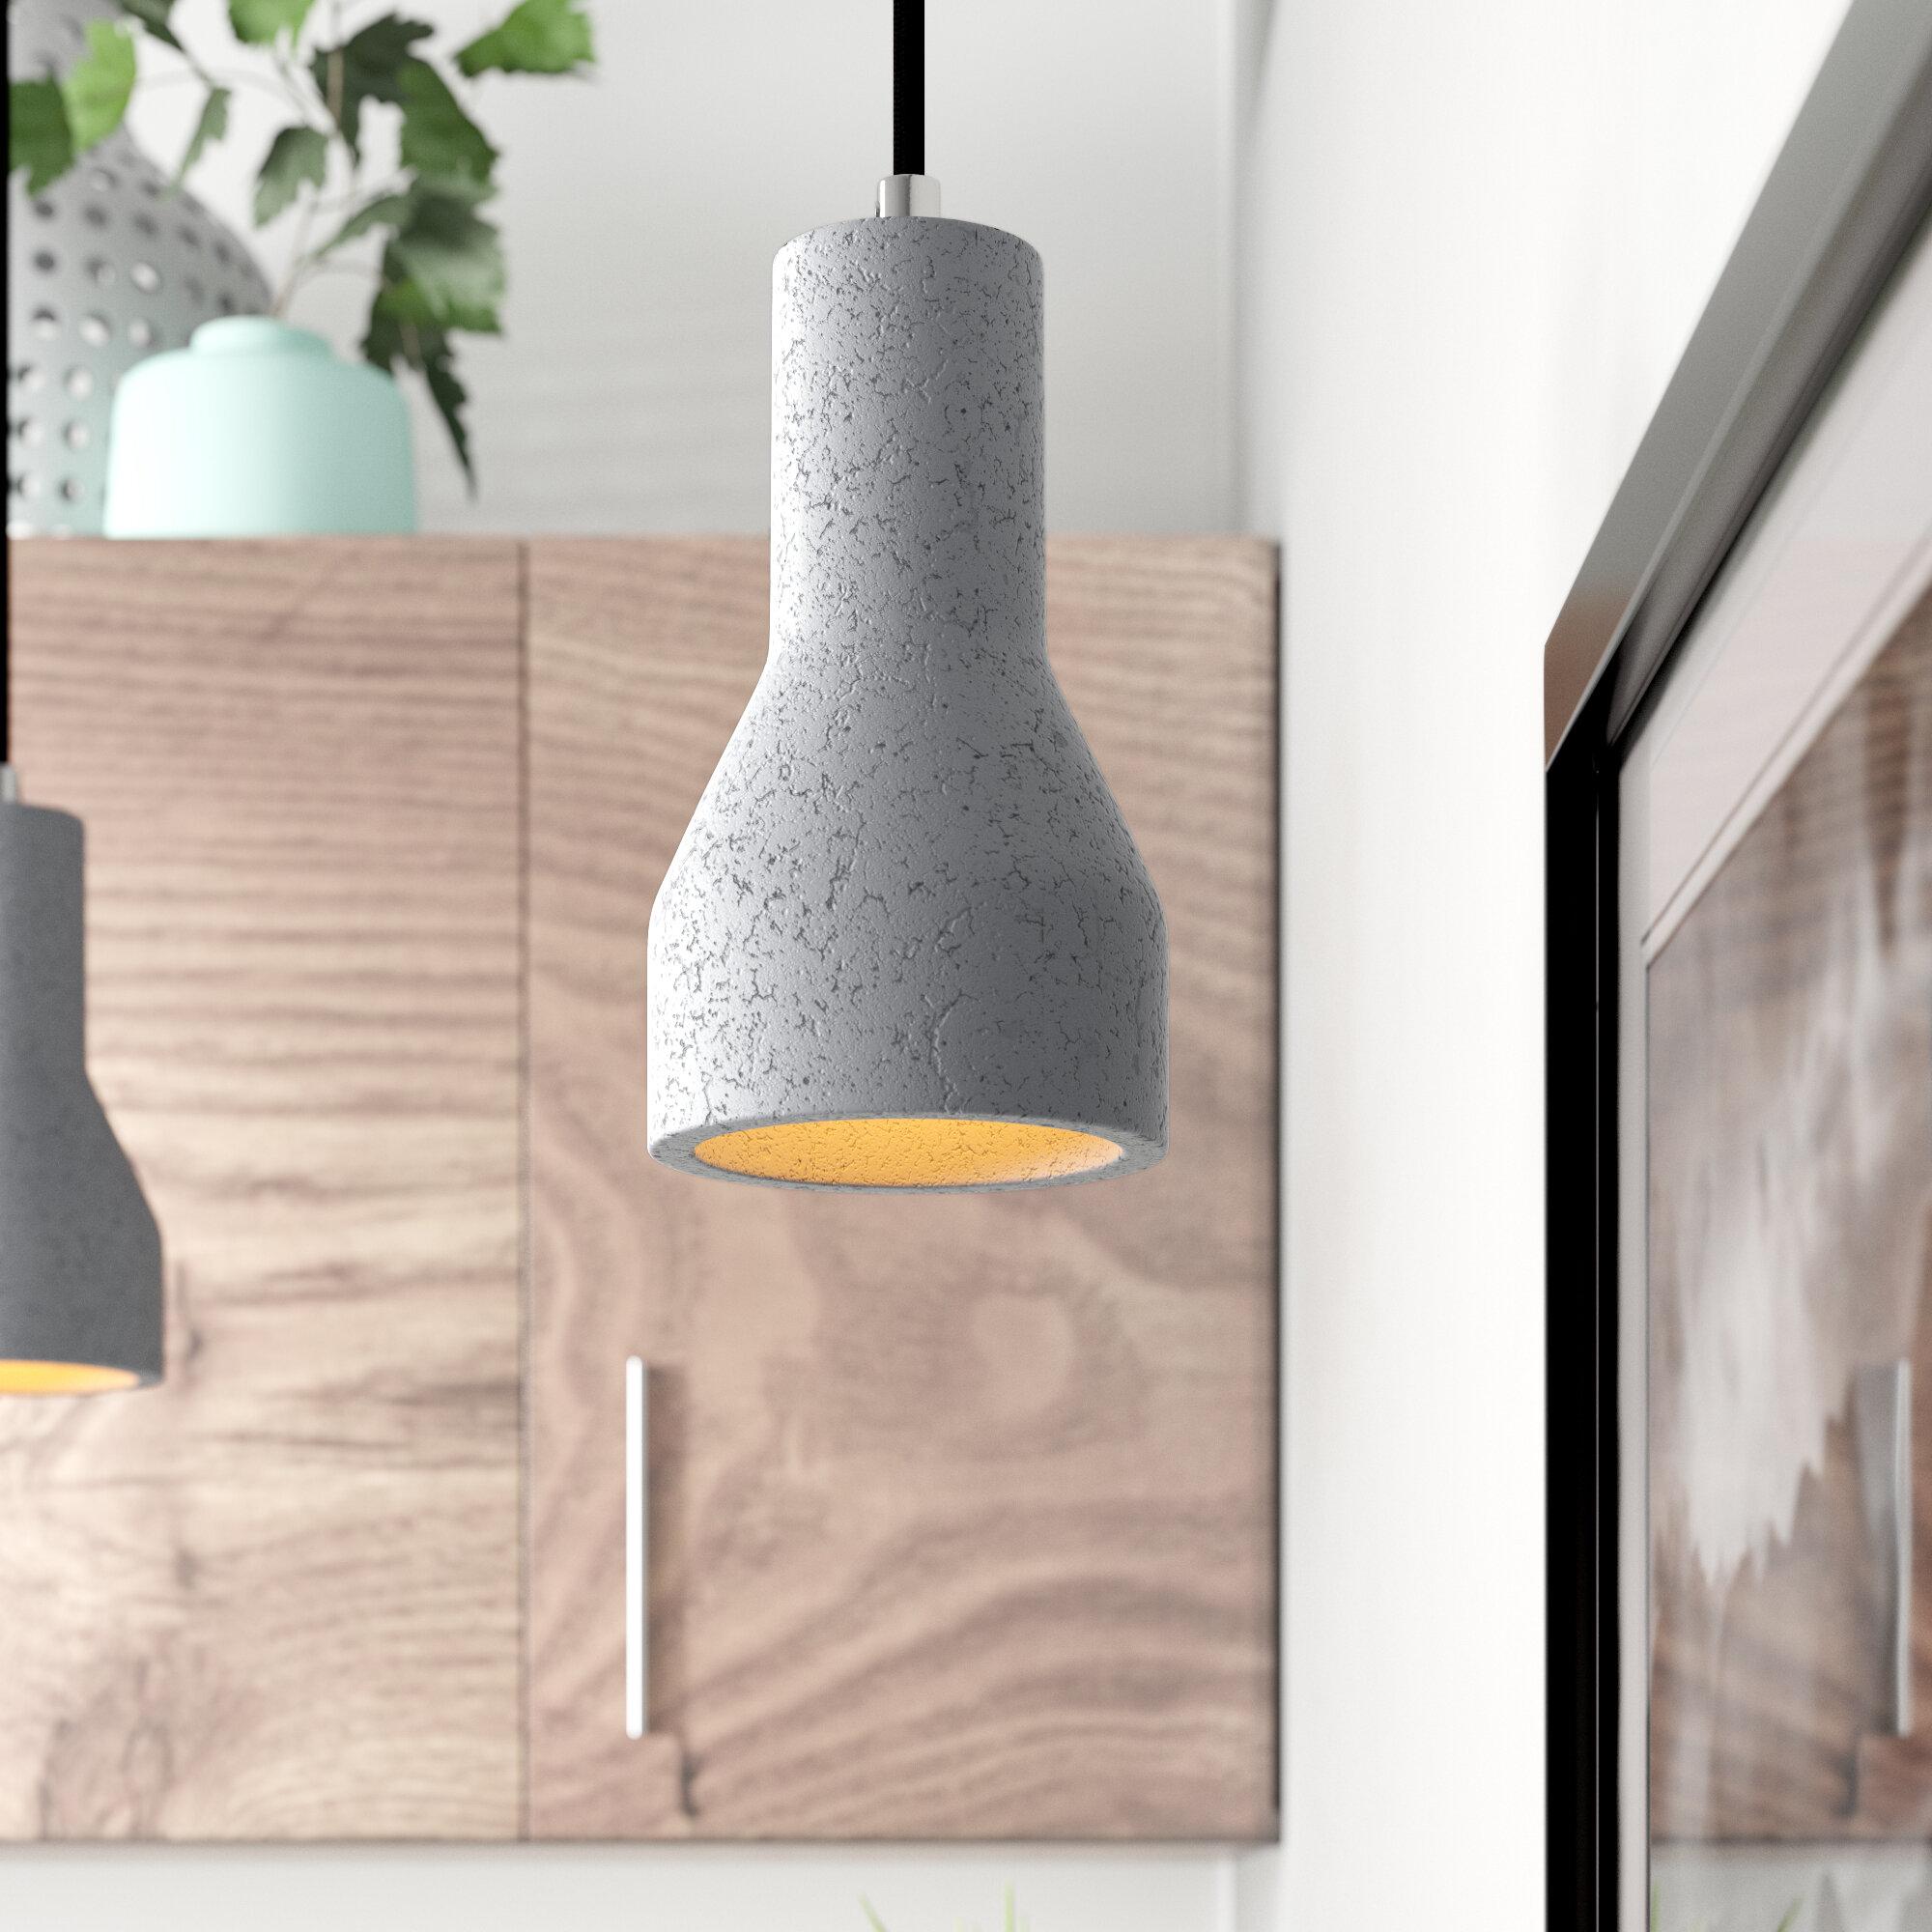 Giselle 1 Light Single Bell Concrete Pendant Reviews Allmodern